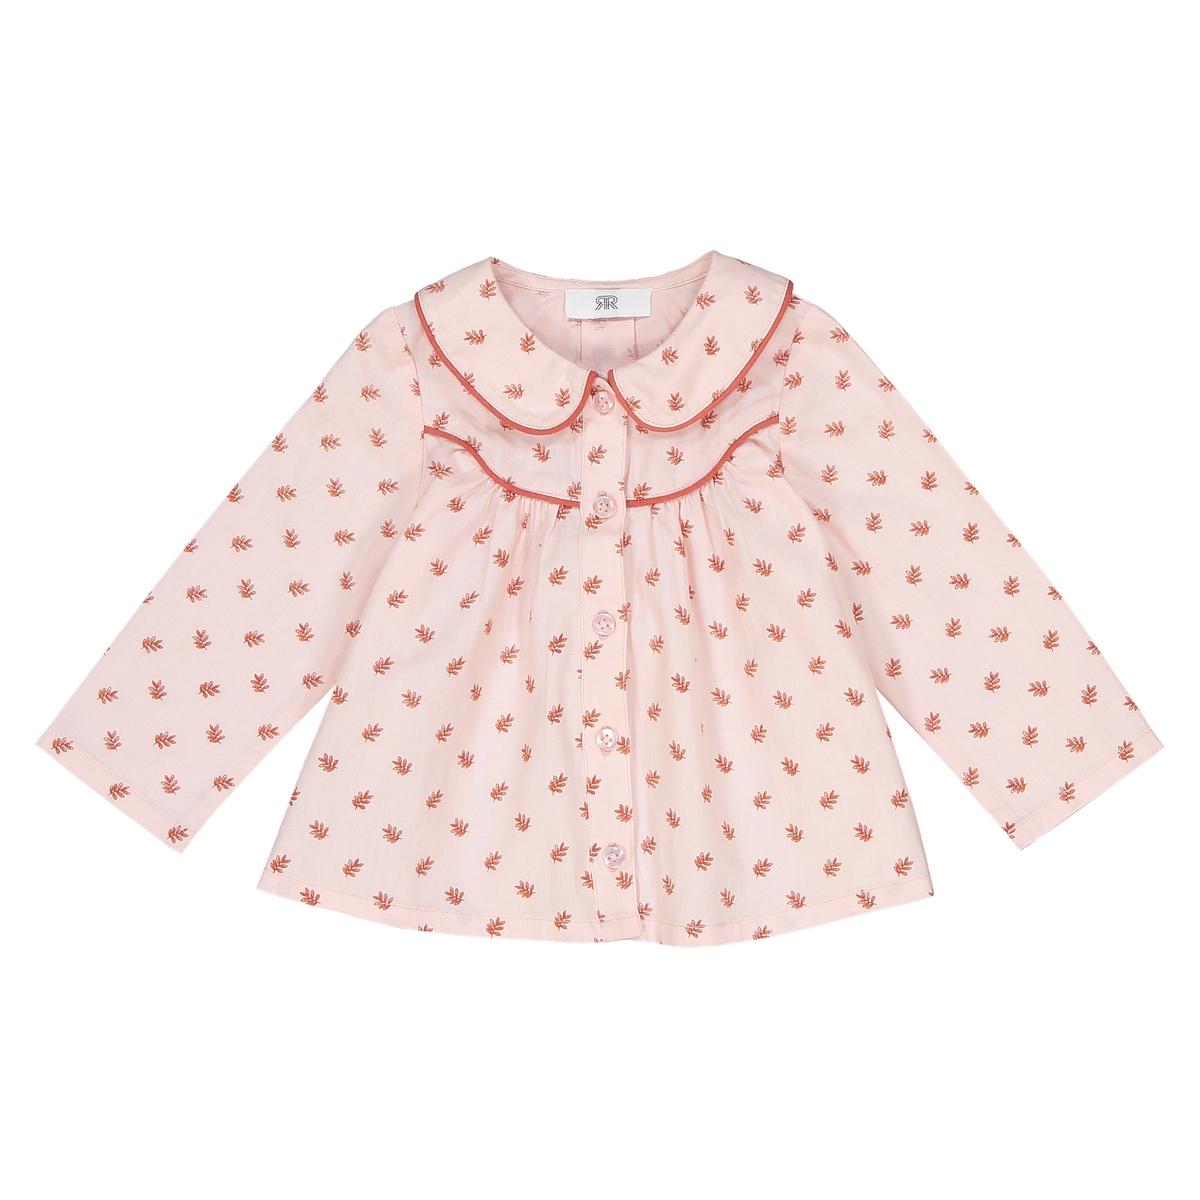 Блузка с длинными рукавами и отложным воротником 1 мес - 3 лет футболка с длинными рукавами 1 мес 3 лет